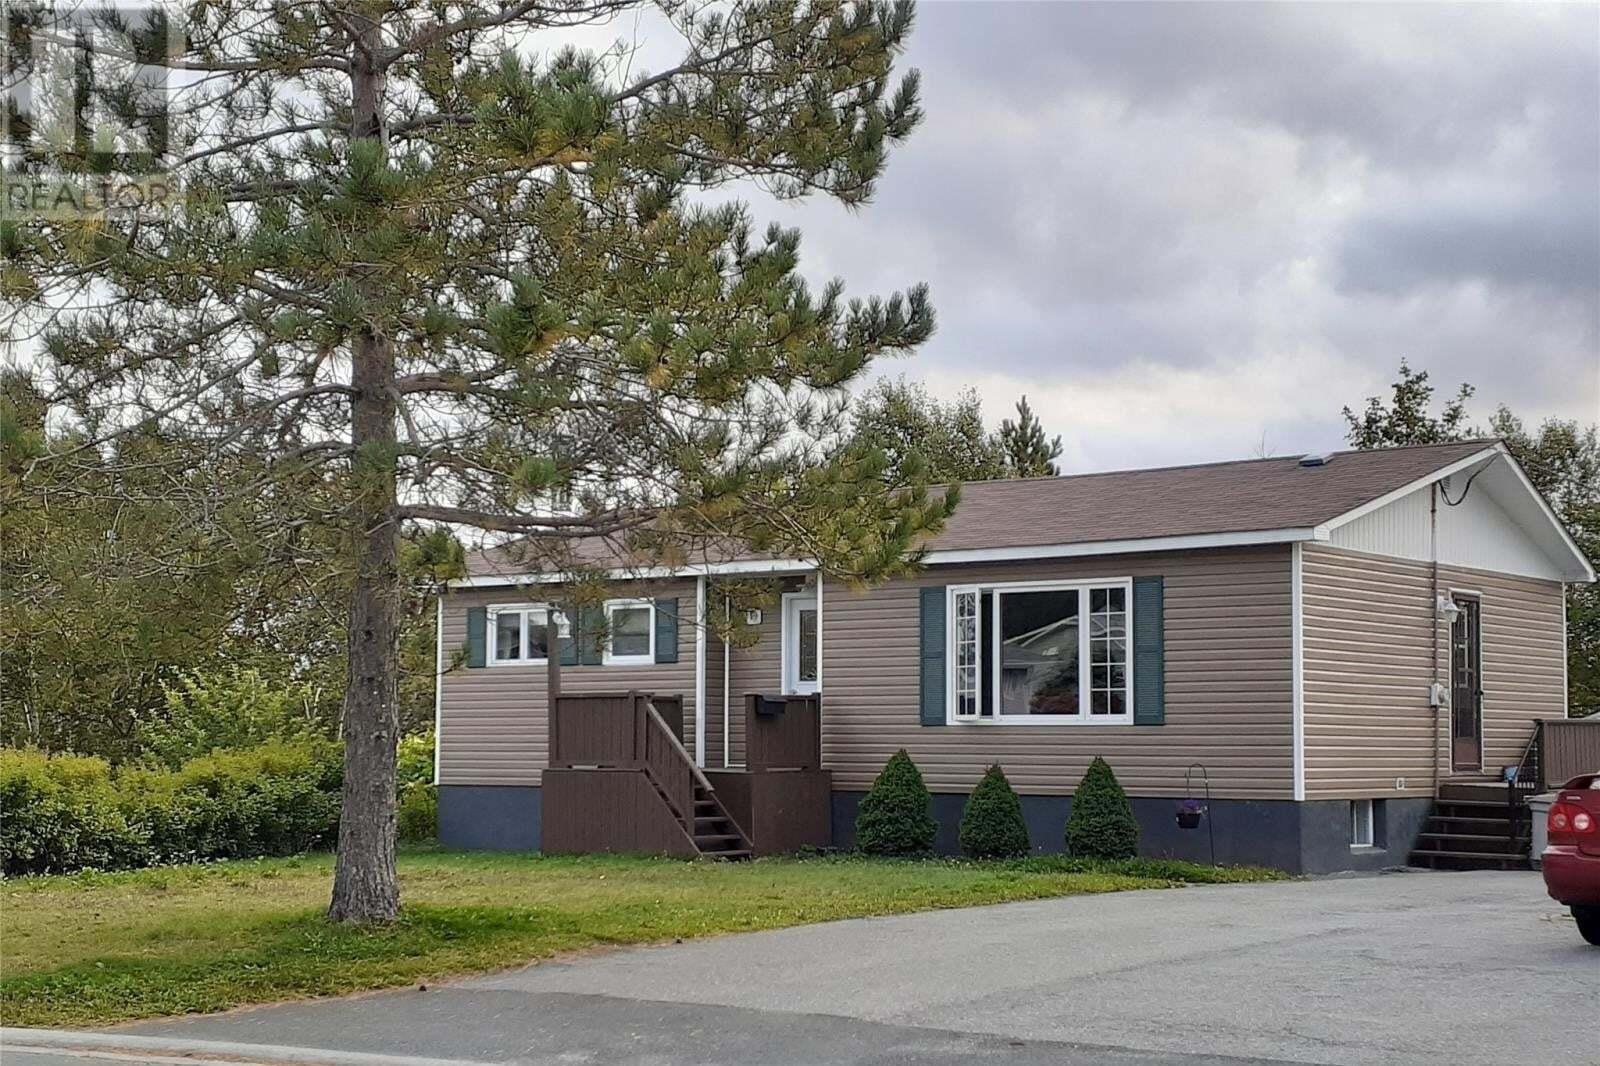 House for sale at 19 Brown Cres Gander Newfoundland - MLS: 1221702